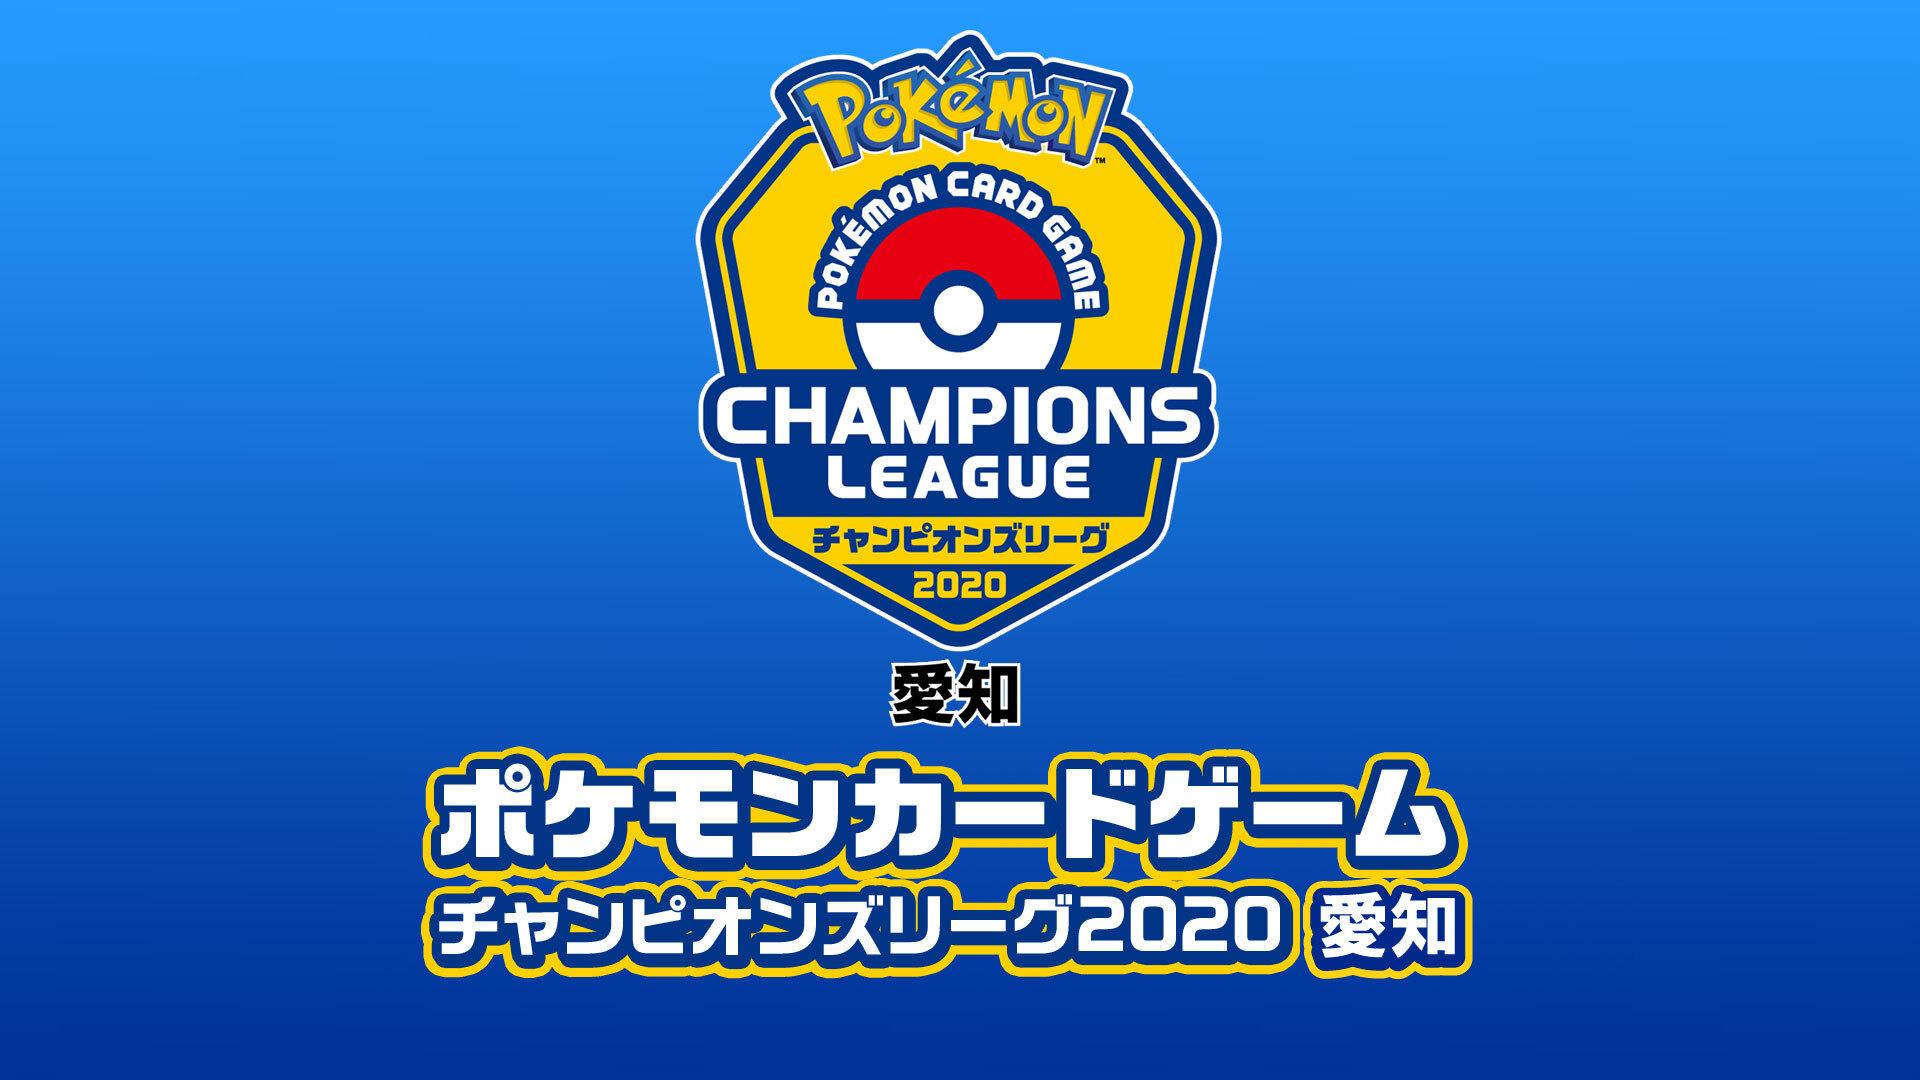 ポケモンカードゲーム チャンピオンズリーグ2020 愛知 2019 12 21 土